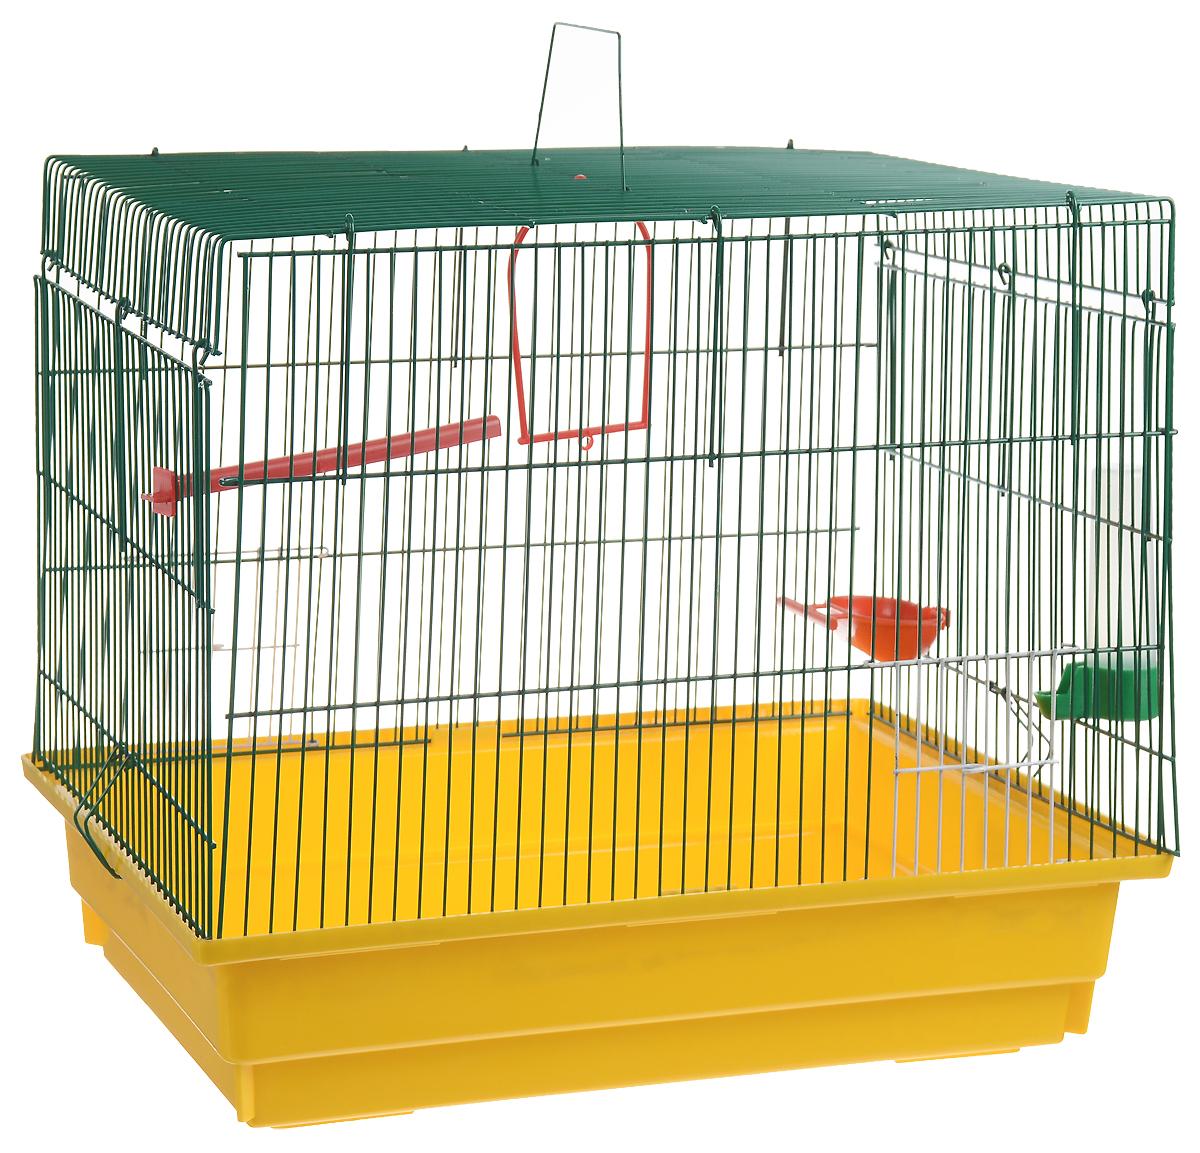 Клетка для птиц ЗооМарк, цвет: желтый поддон, зеленая решетка, 50 х 31 х 41 см0120710Клетка ЗооМарк, выполненная из полипропилена и металла с эмалированным покрытием, предназначена для птиц.Изделие состоит из большого поддона и решетки. Клетка снабжена металлической дверцей. Она удобна в использовании и легко чистится. Клетка оснащена жердочкой, кольцом для птицы, поилкой, кормушкой и подвижной ручкой для удобной переноски. Комплектация: - клетка с поддоном, - поилка; - кормушка;- кольцо.